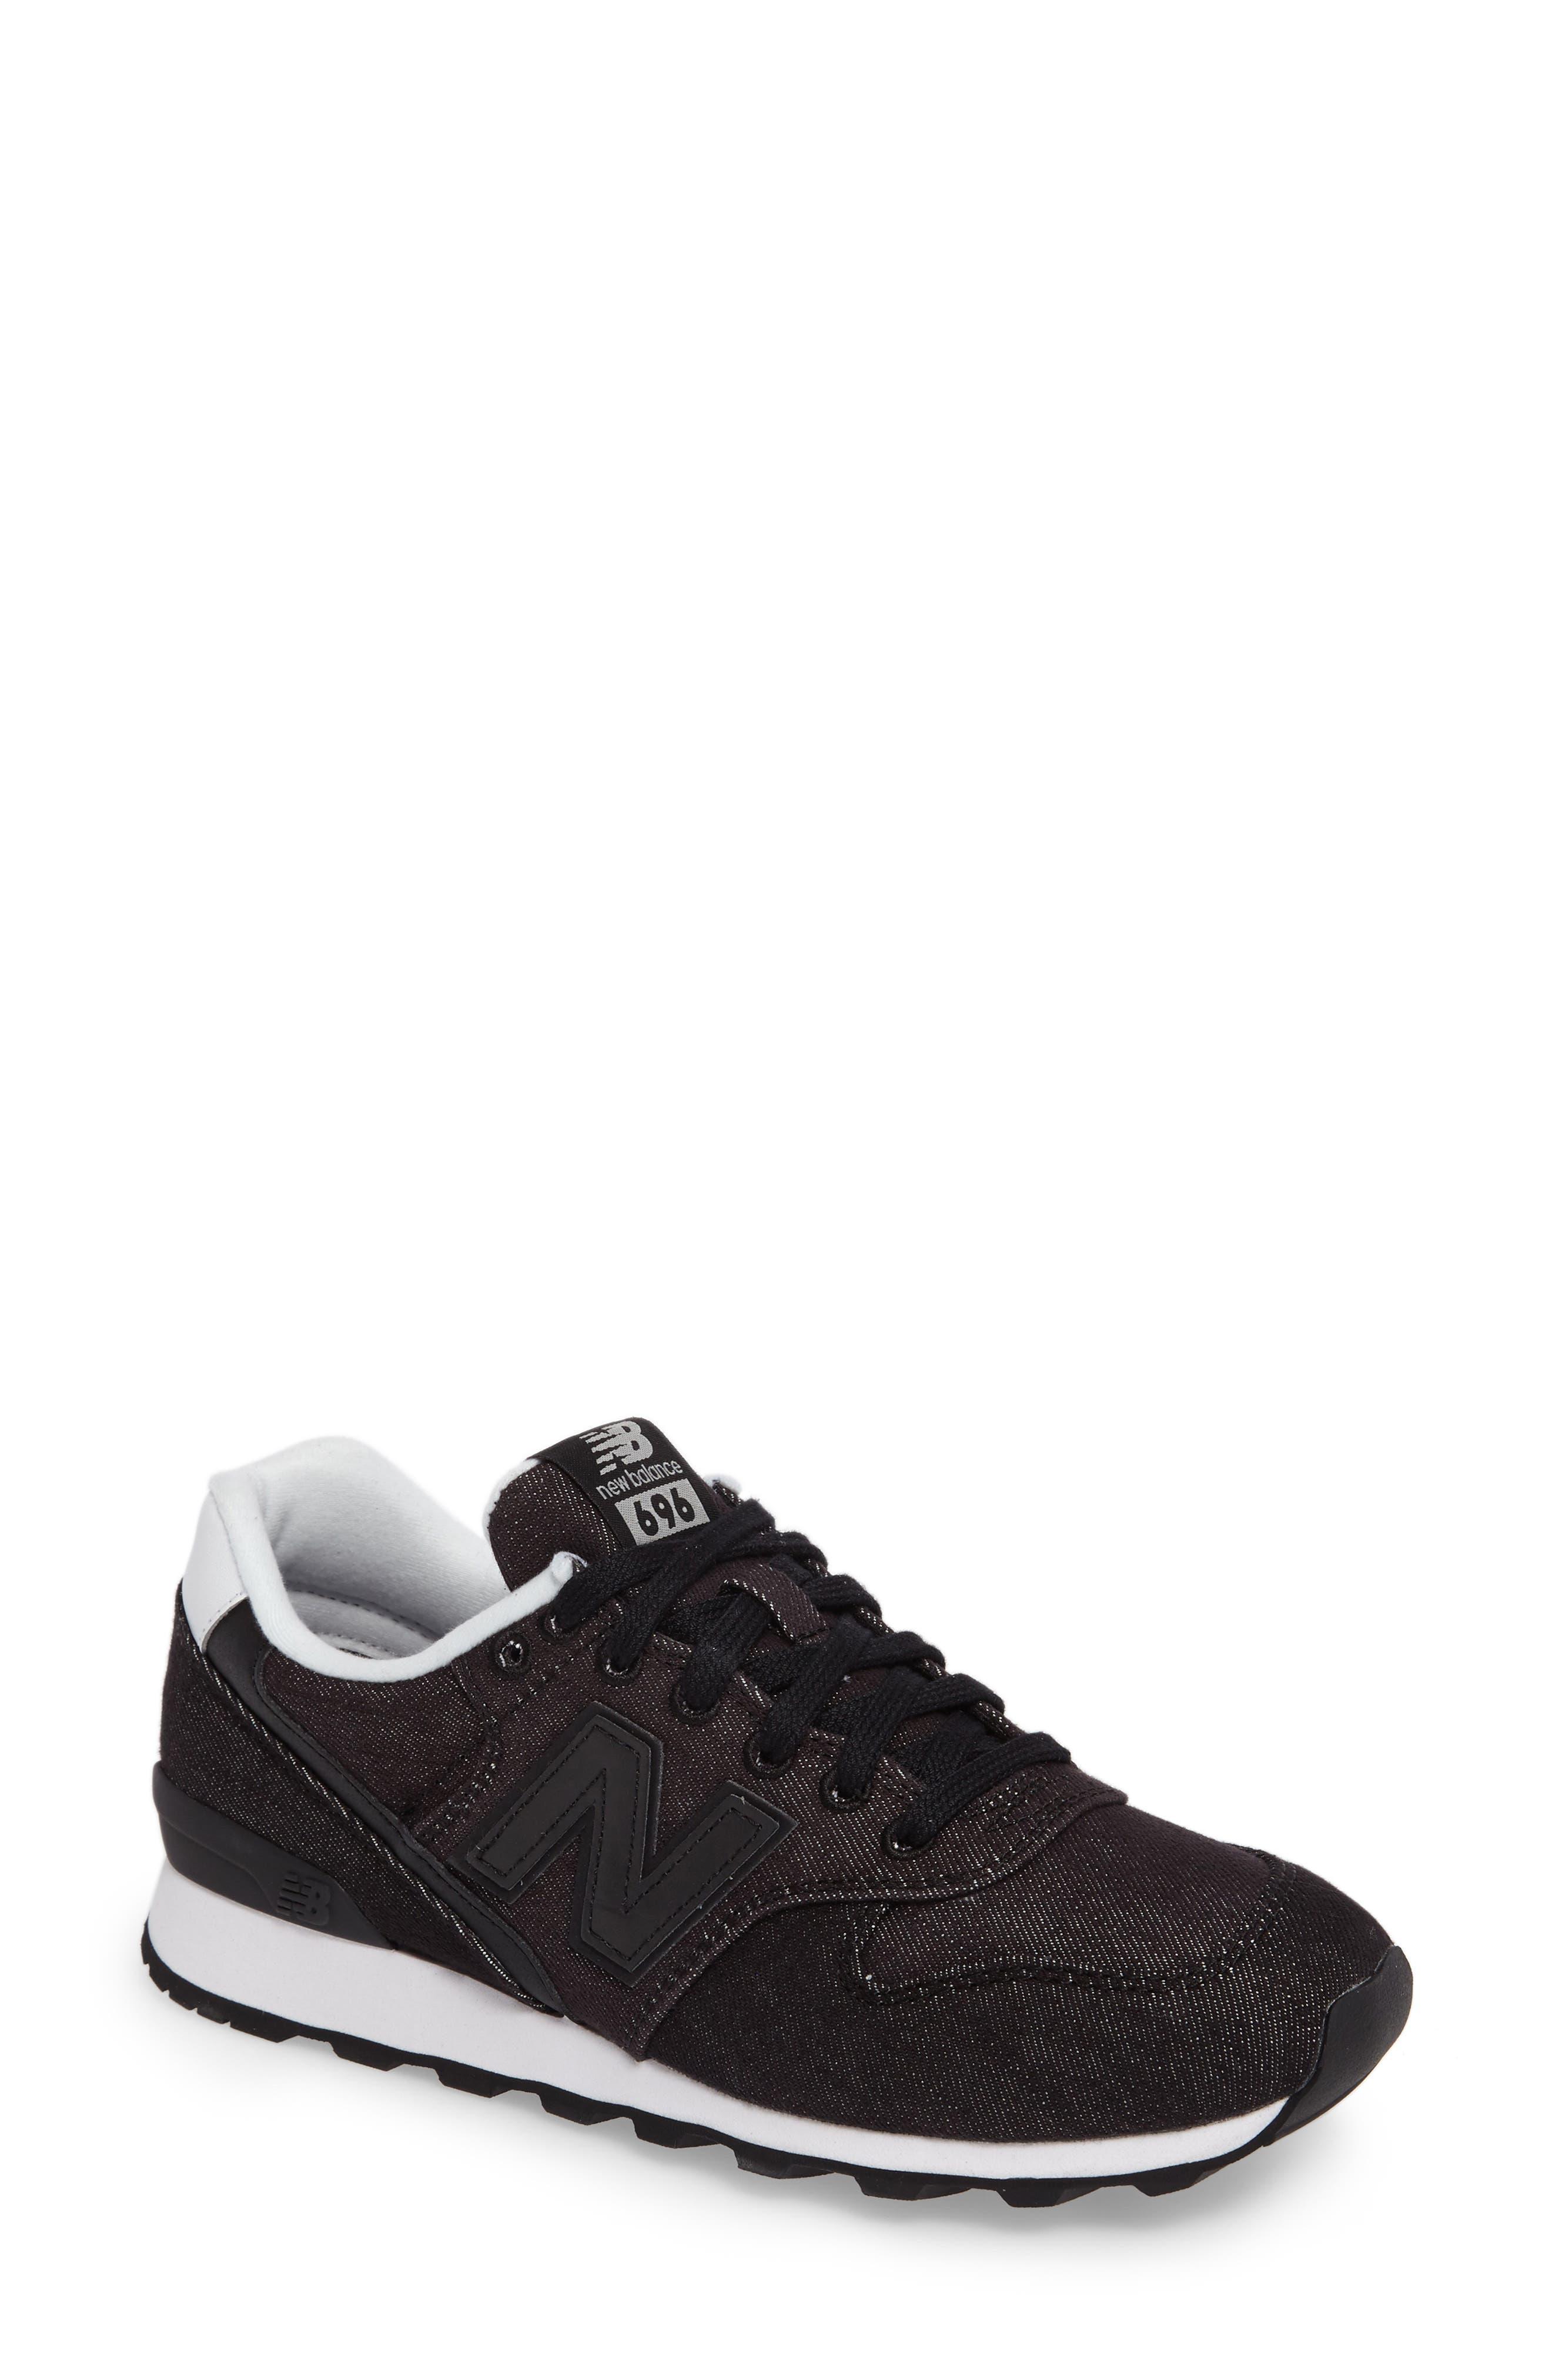 696 Sneaker,                         Main,                         color, 001